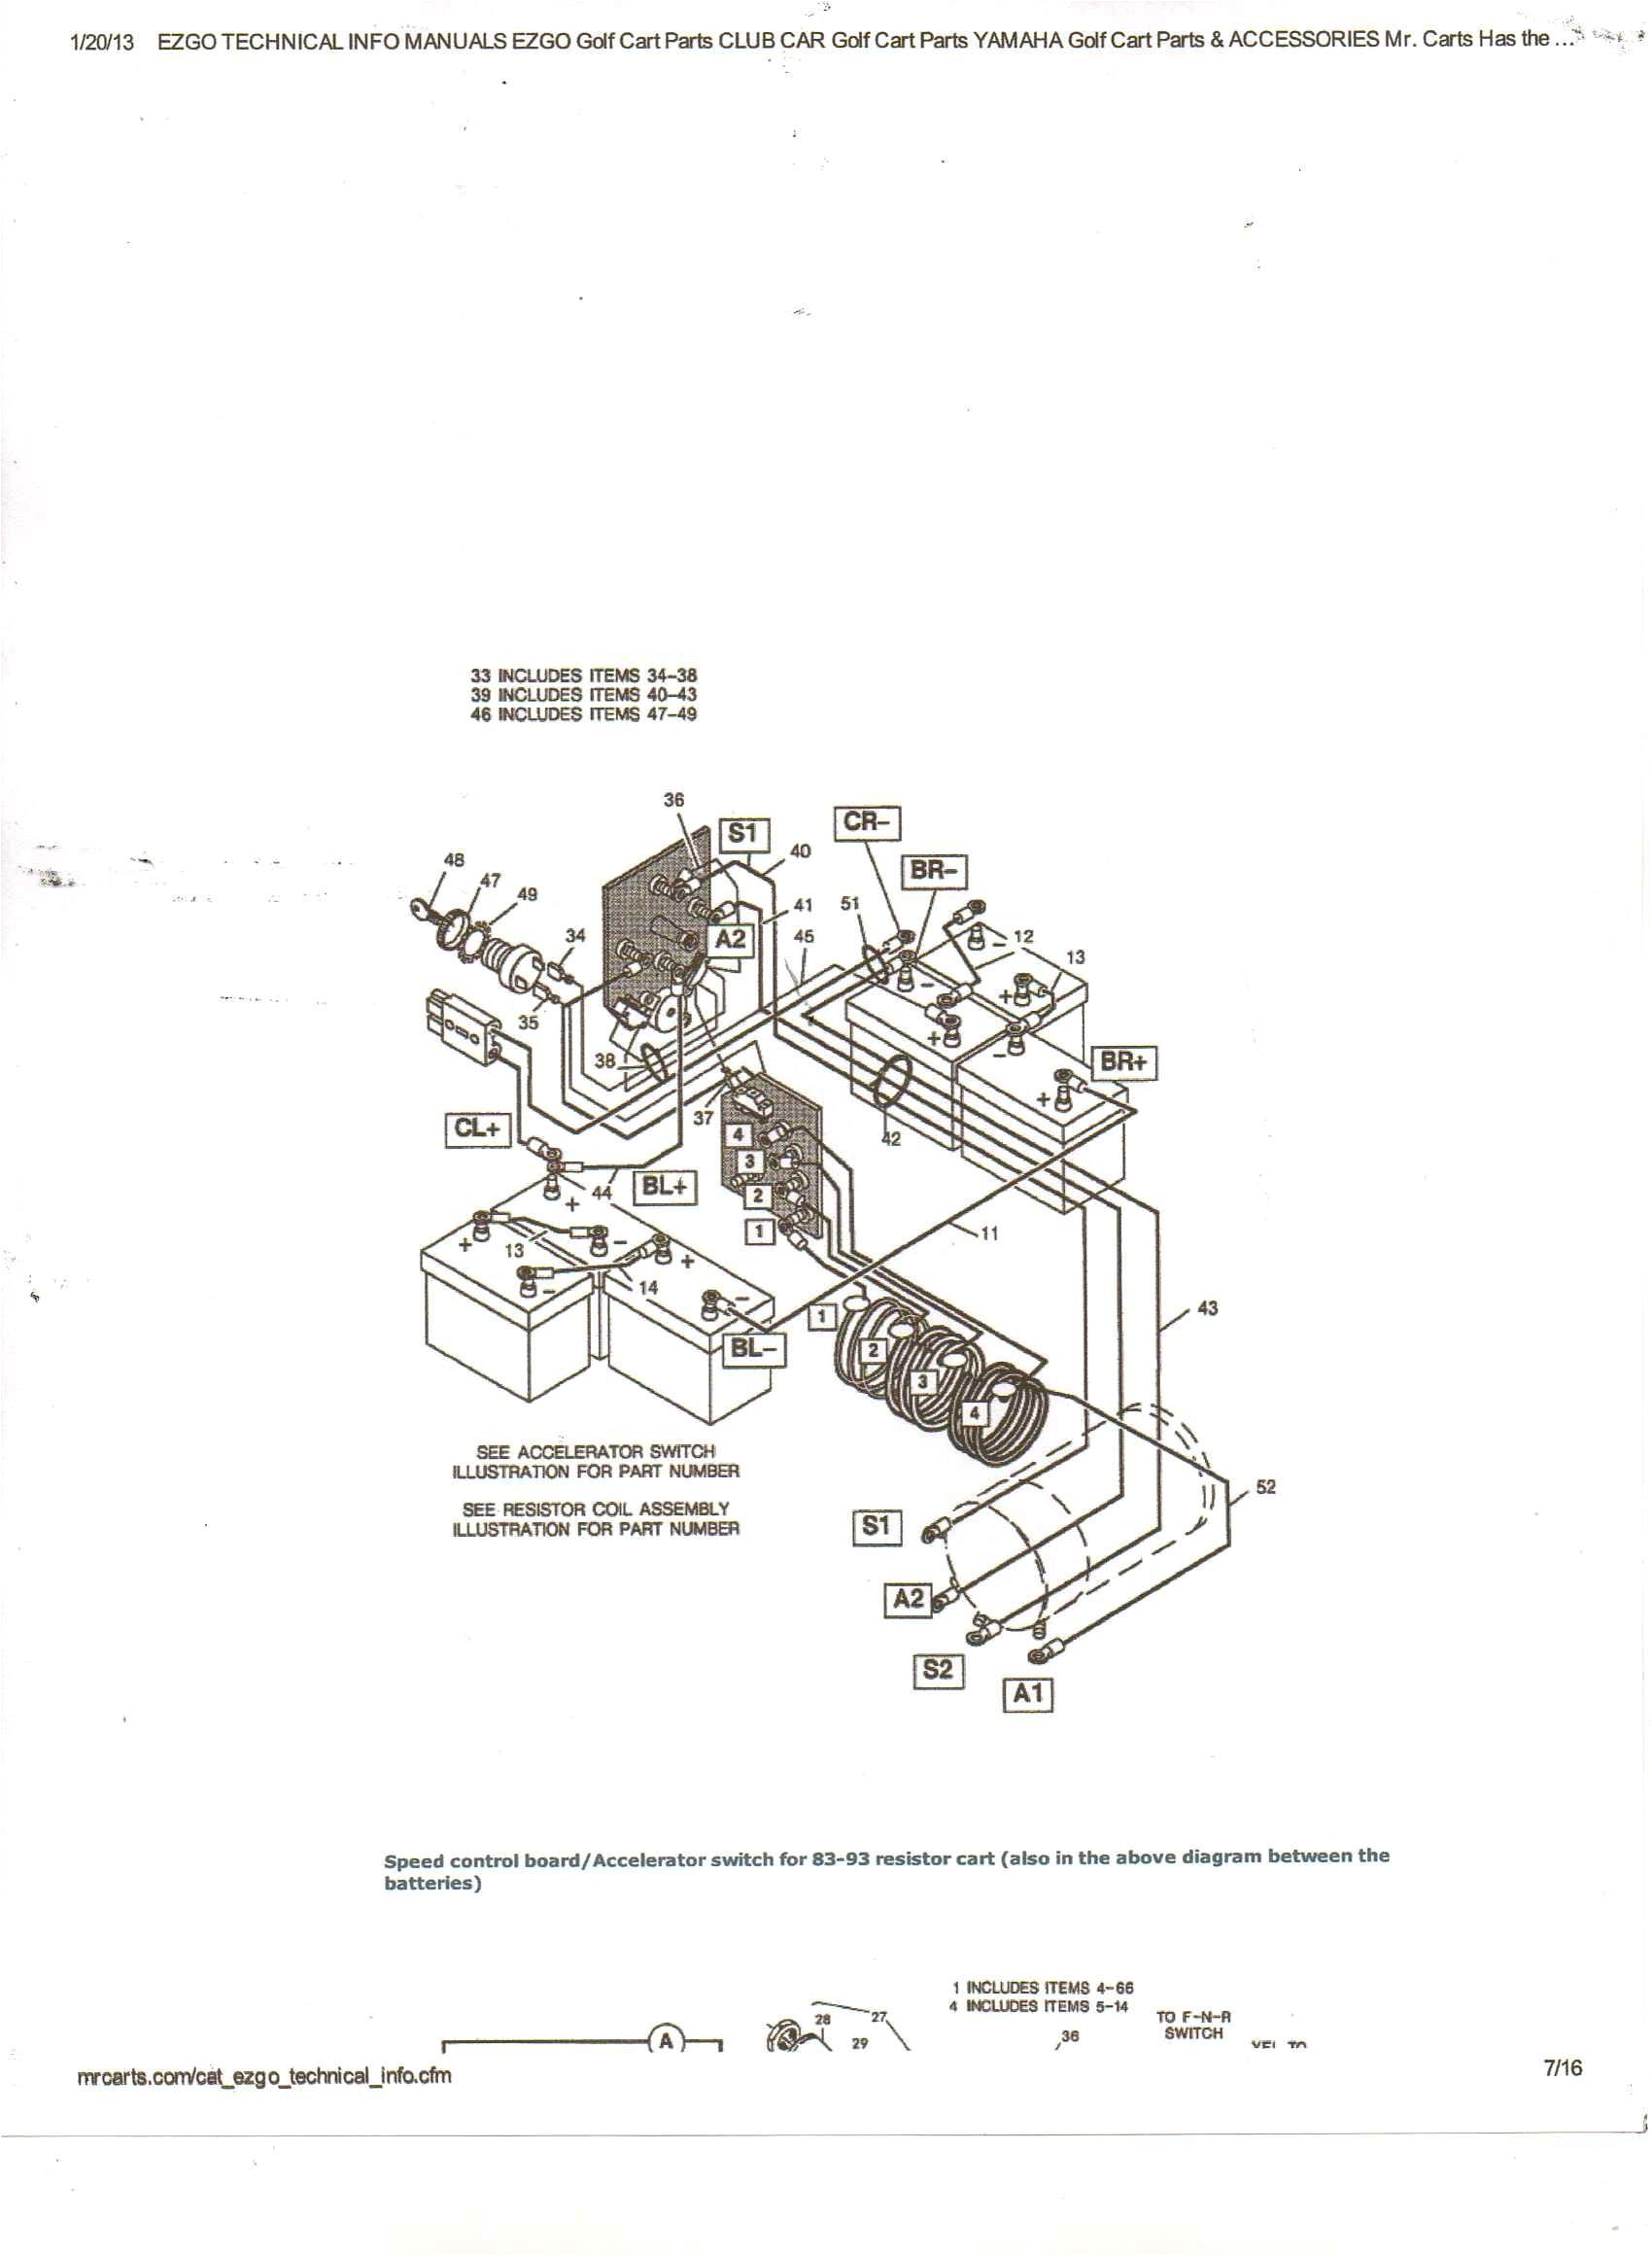 ez go golf cart schematics wiring diagrams konsult ez go golf cart diagram ez go golf cart schematics